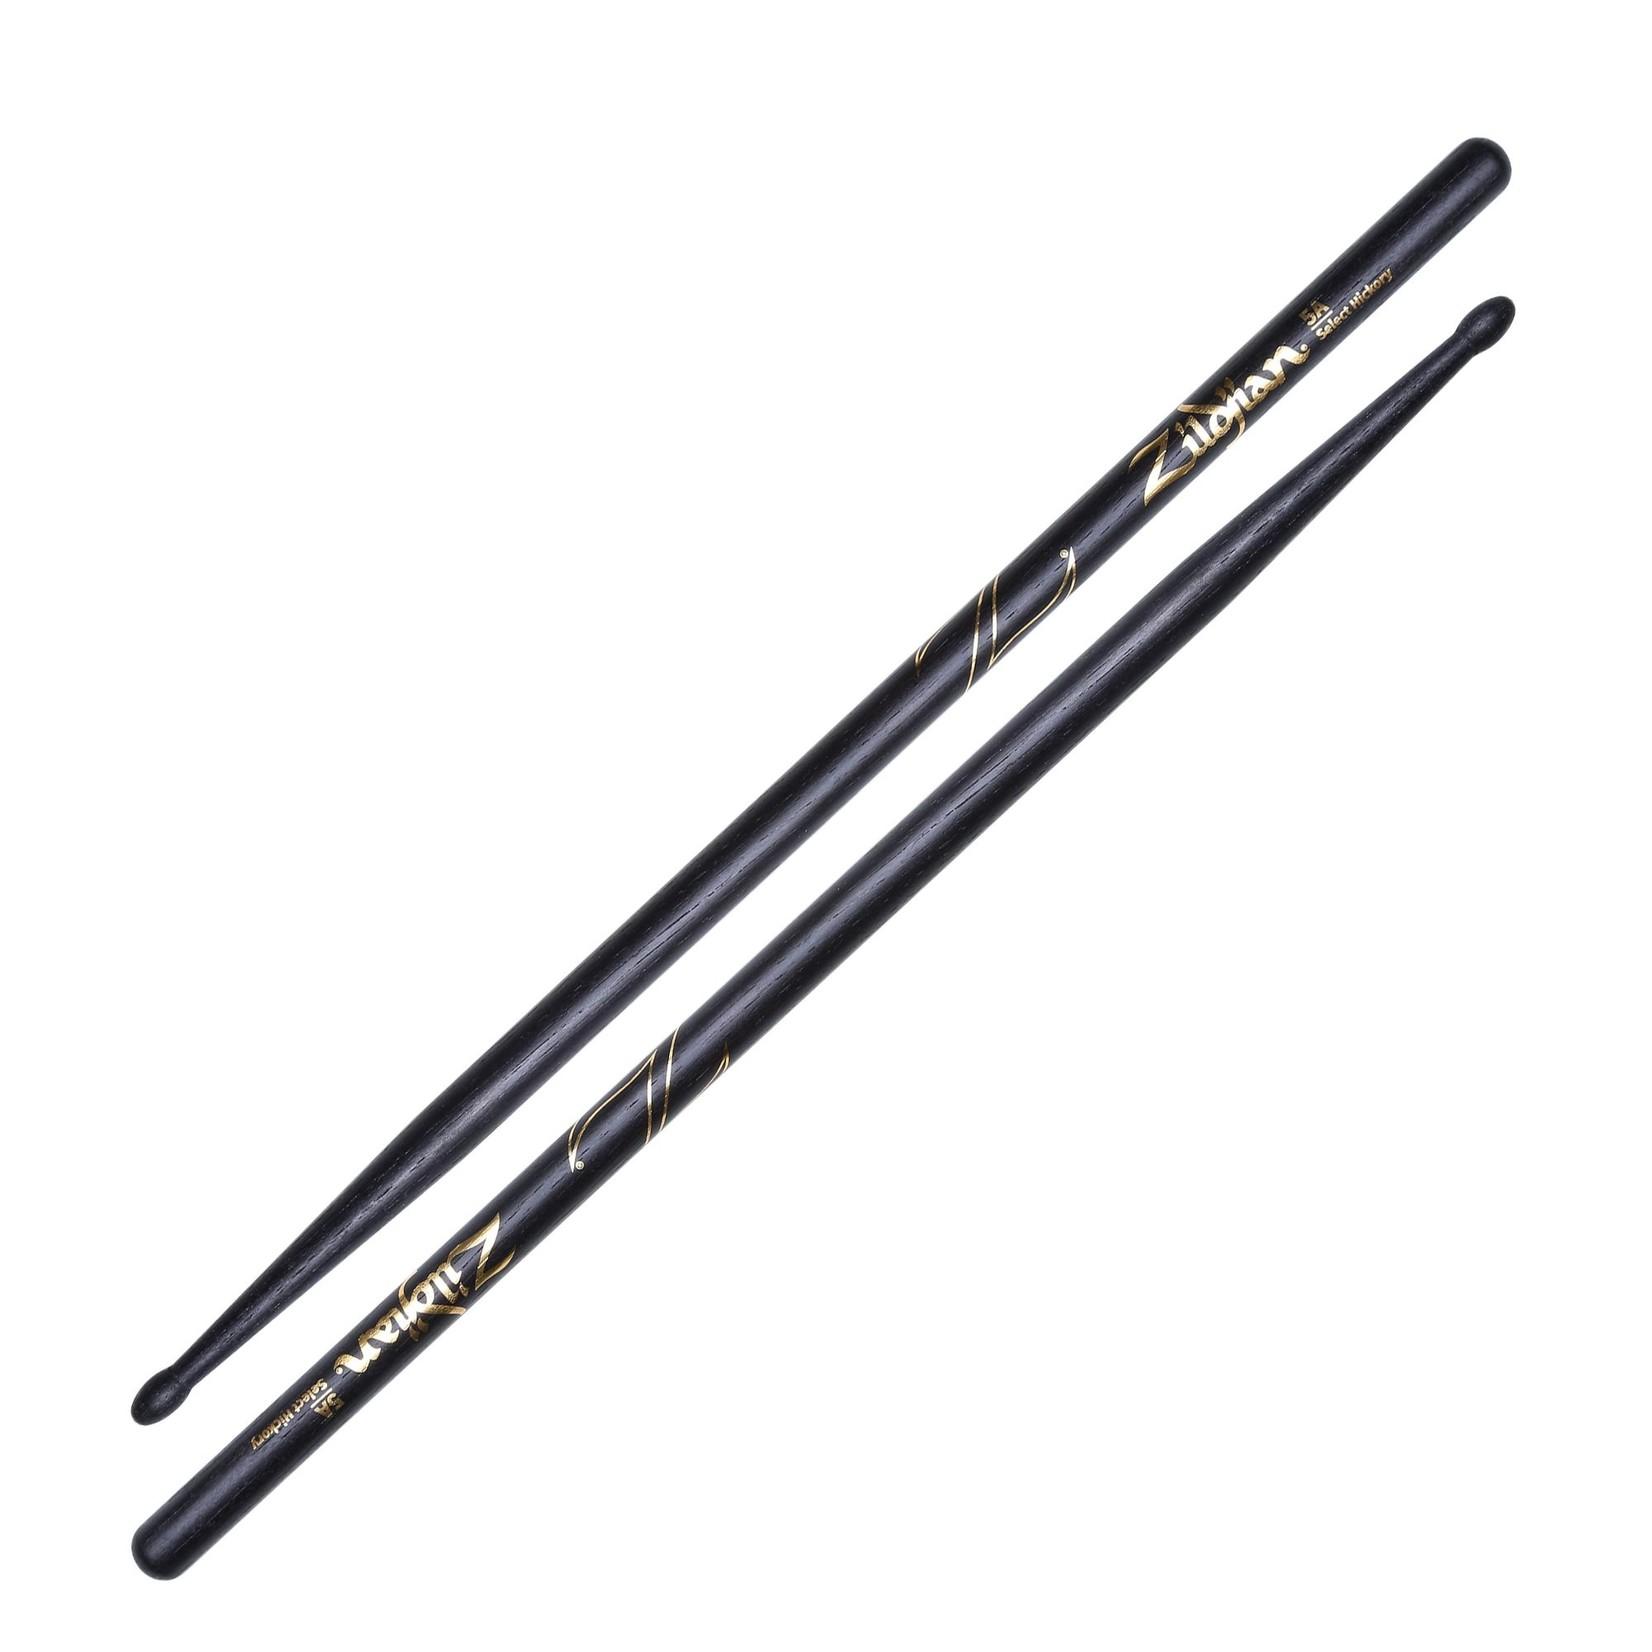 Zildjian Zildjian 5A Black Drumsticks